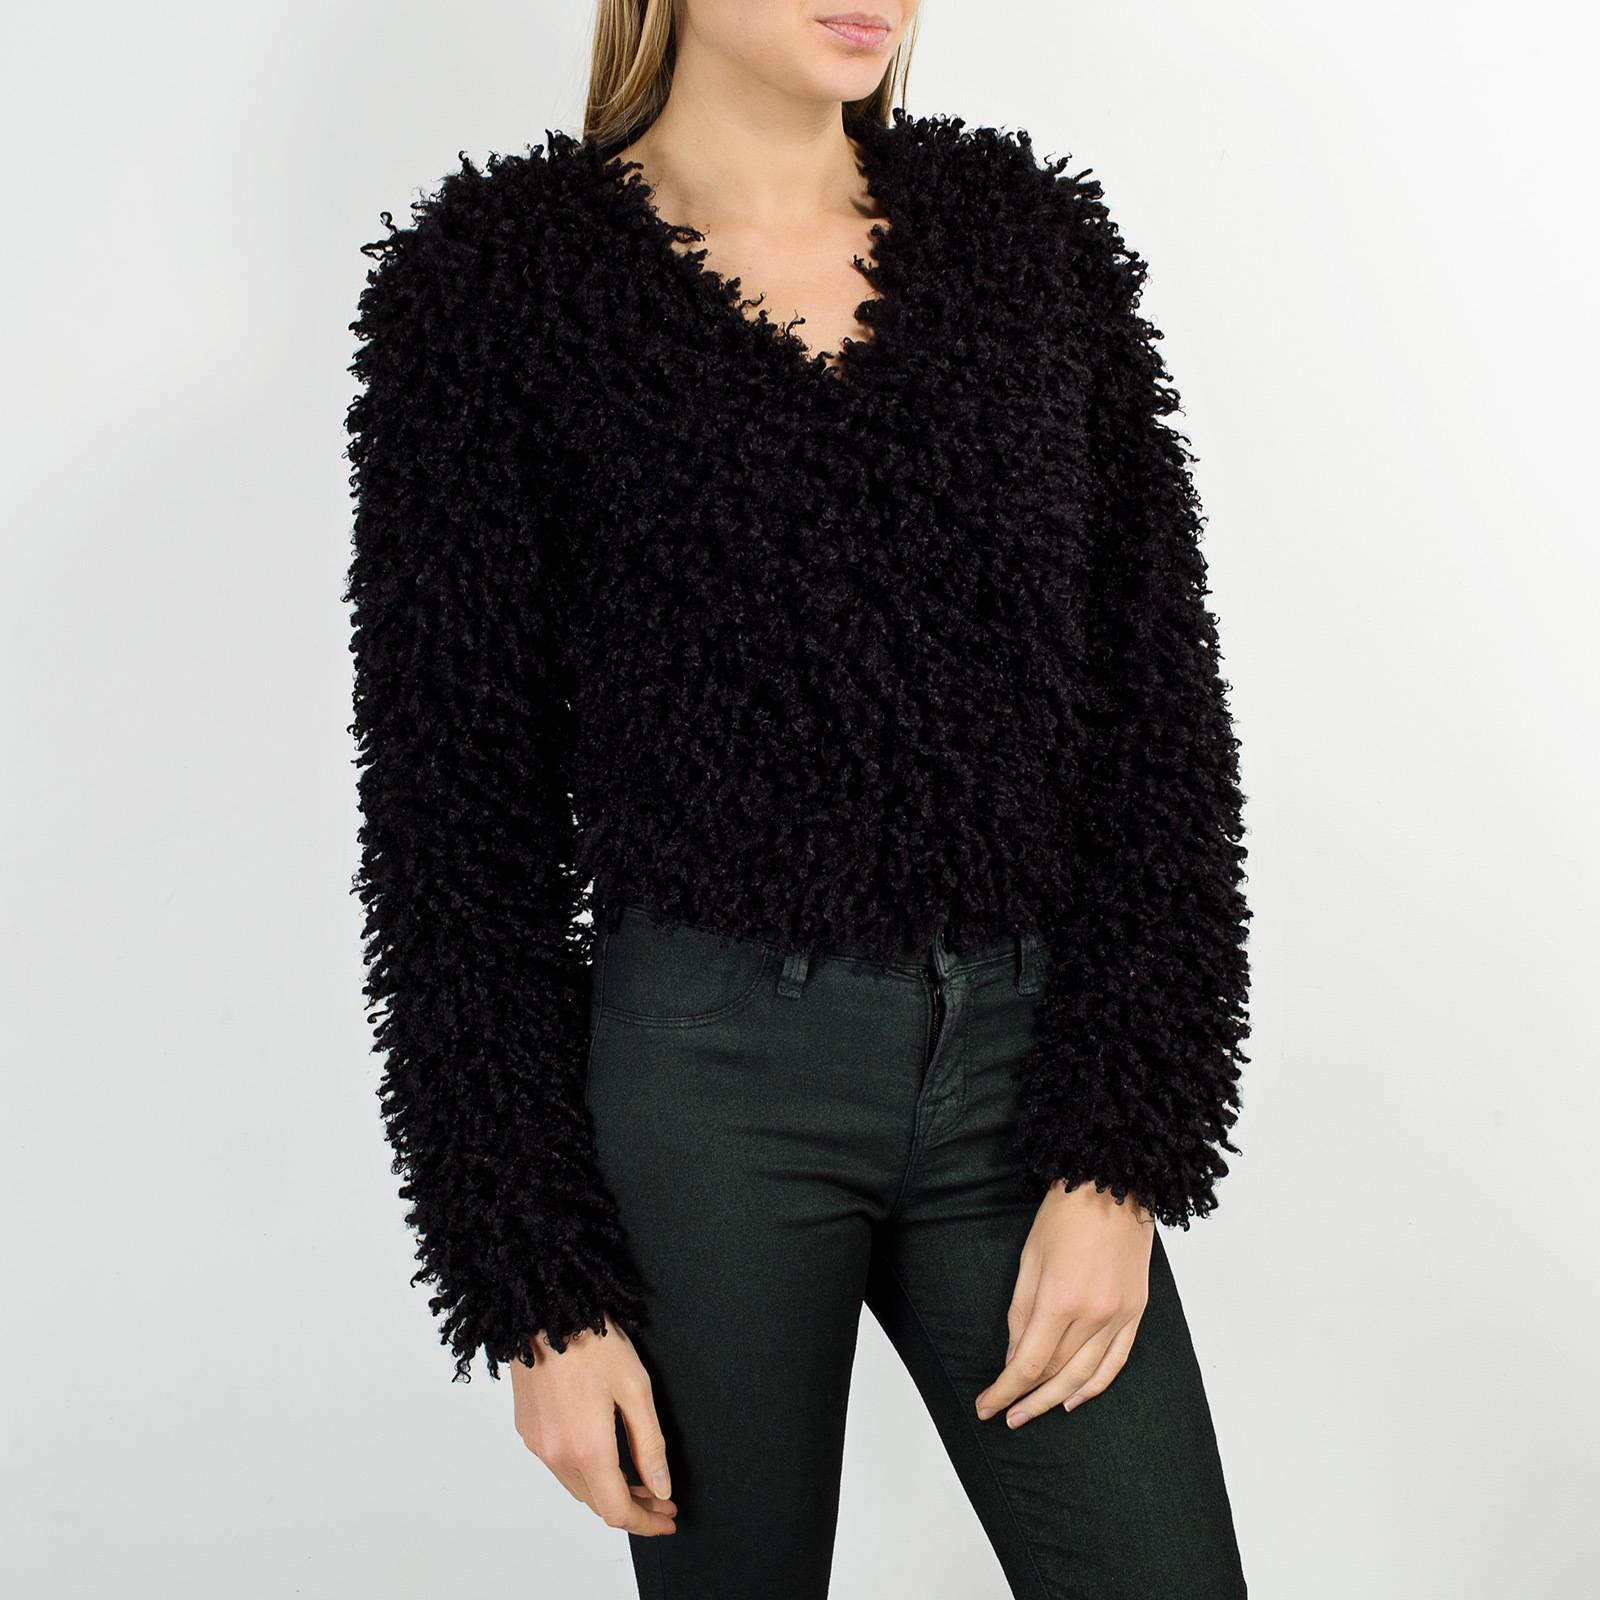 8960e86955ee Купить свитер Alexander Arutyunov в Москве с доставкой по цене 7200 ...